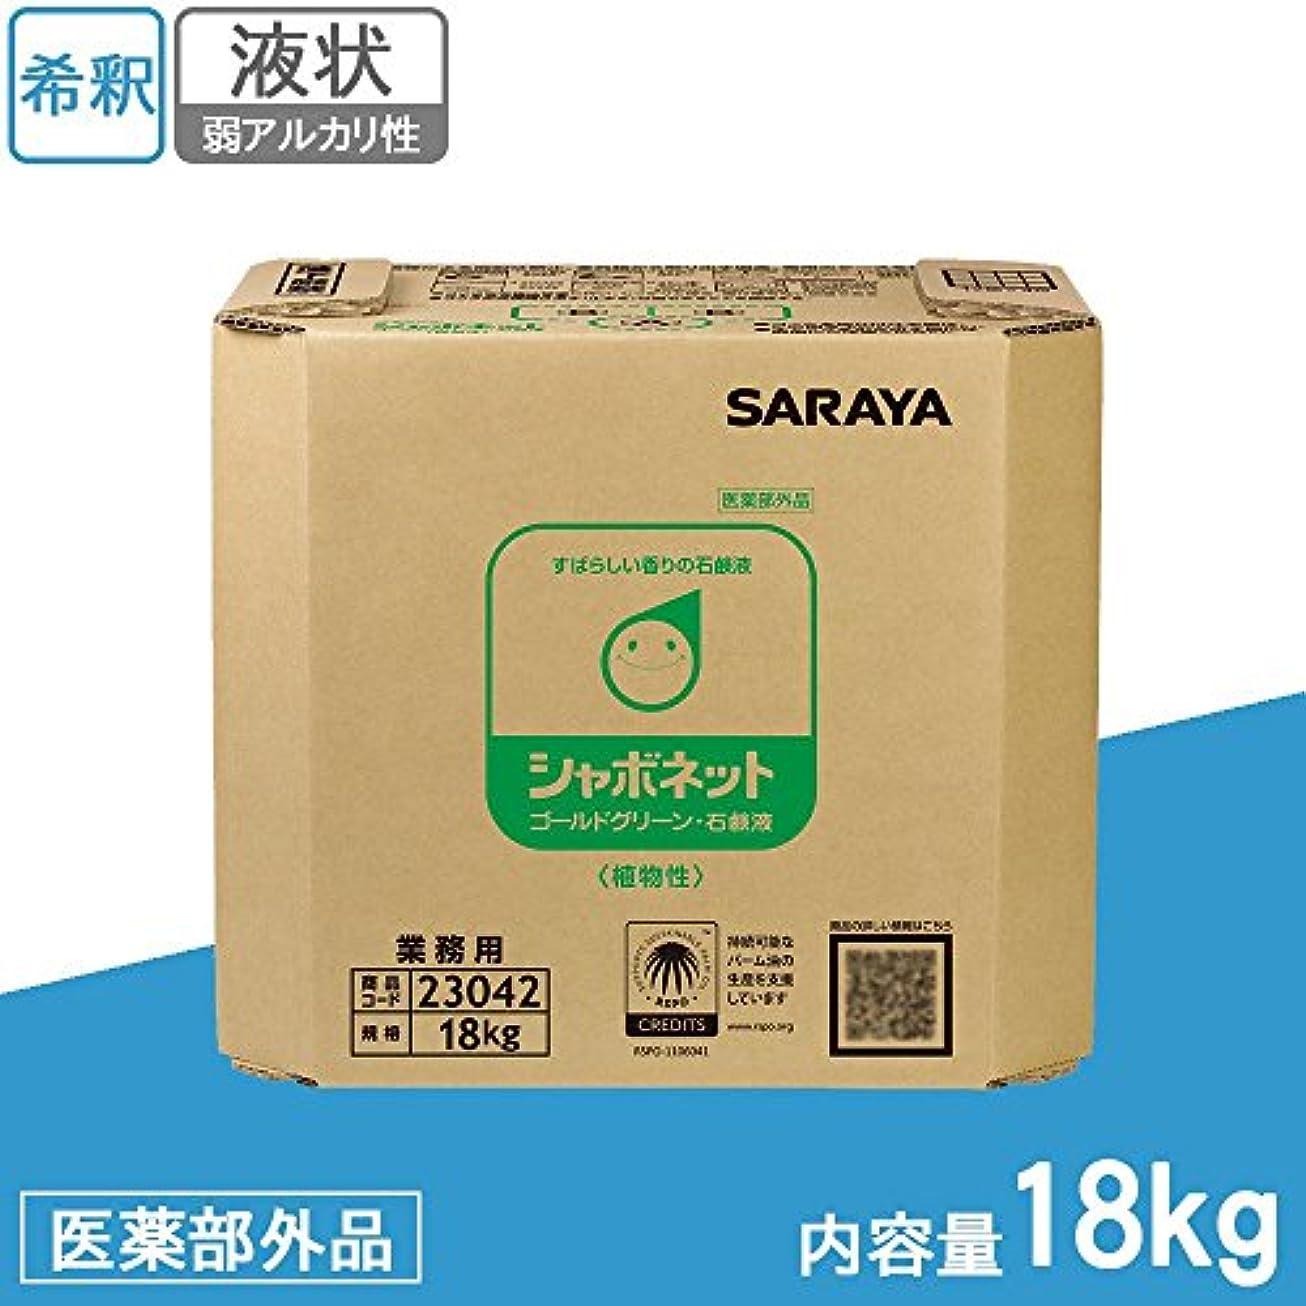 恐ろしいです棚大洪水サラヤ 業務用 手洗い用石けん液 シャボネットゴールドグリーン スズランの香り 18kg BIB 23042 (医薬部外品)